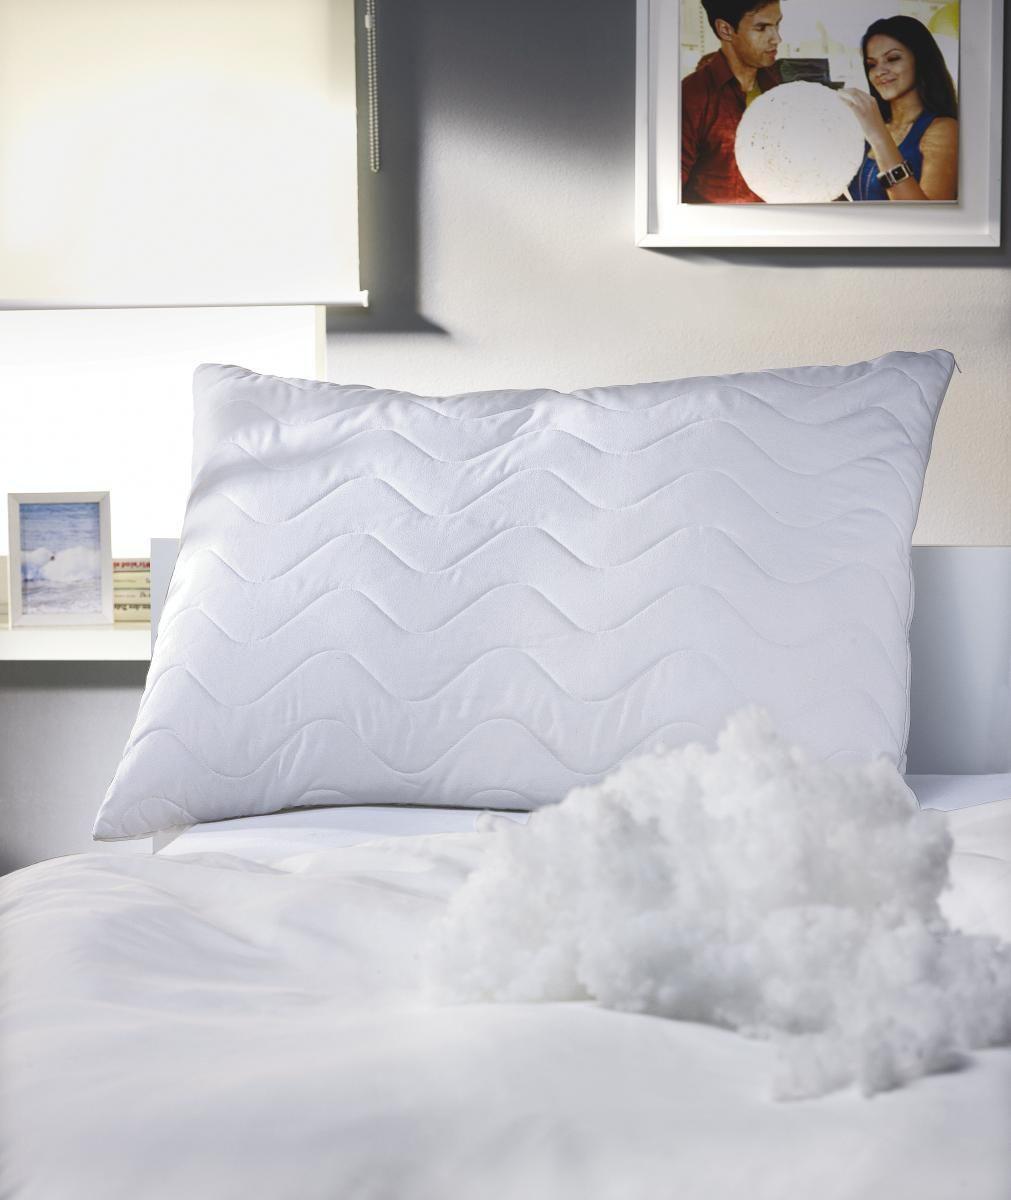 Kissen Niki - Weiß, Textil (80/80cm) - MÖMAX modern living